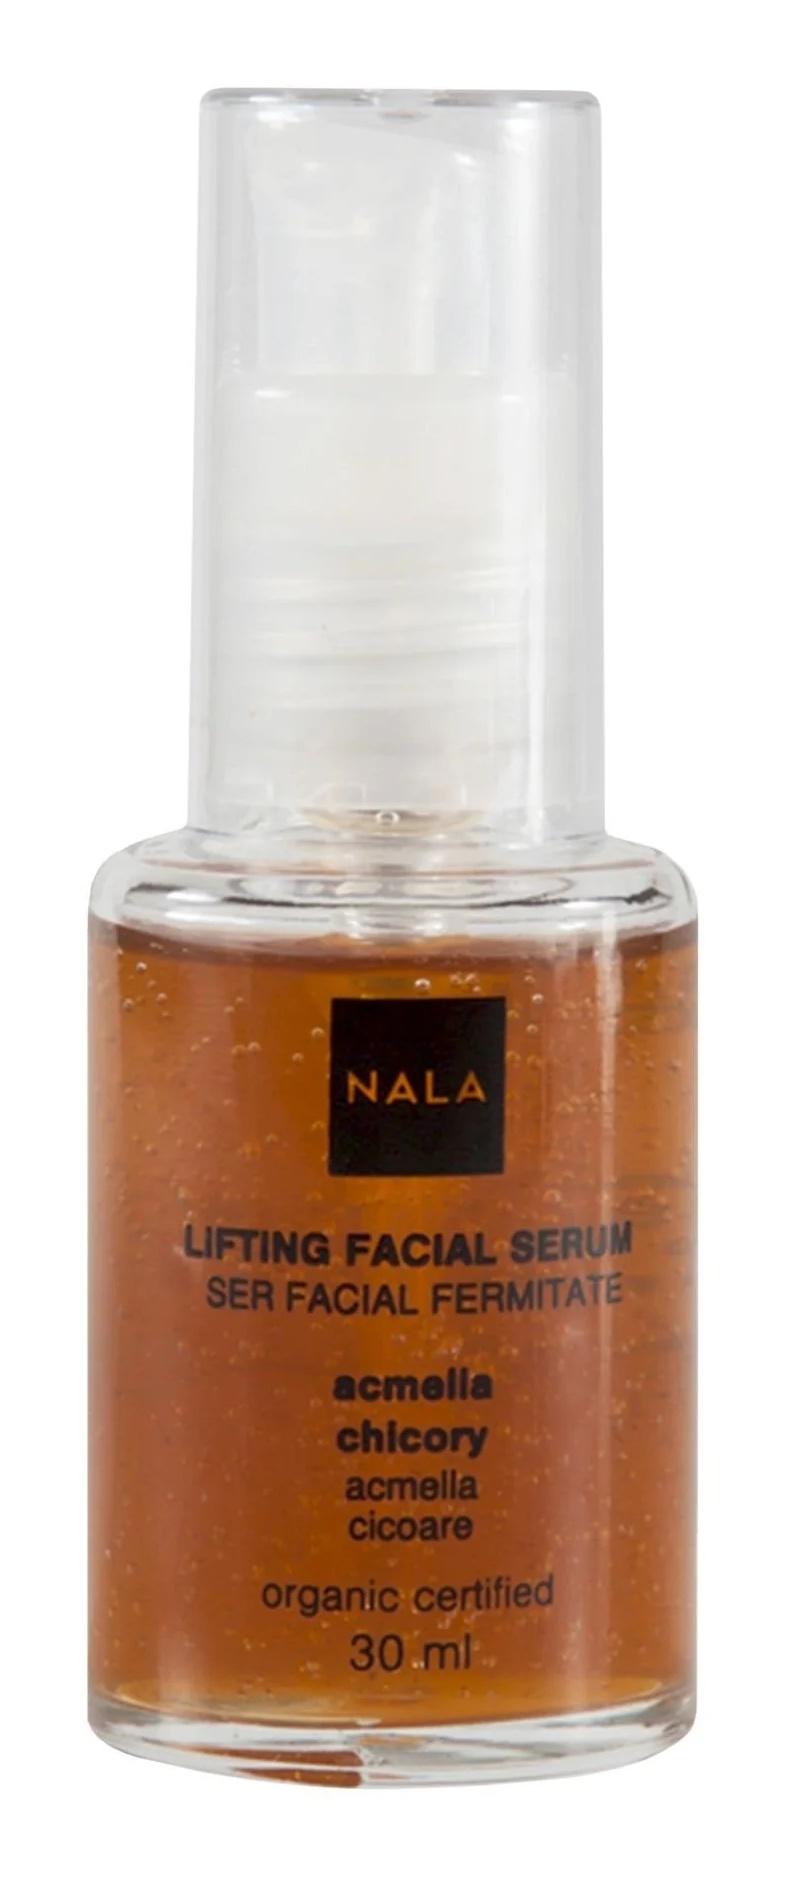 Nala Lifting Facial Serum